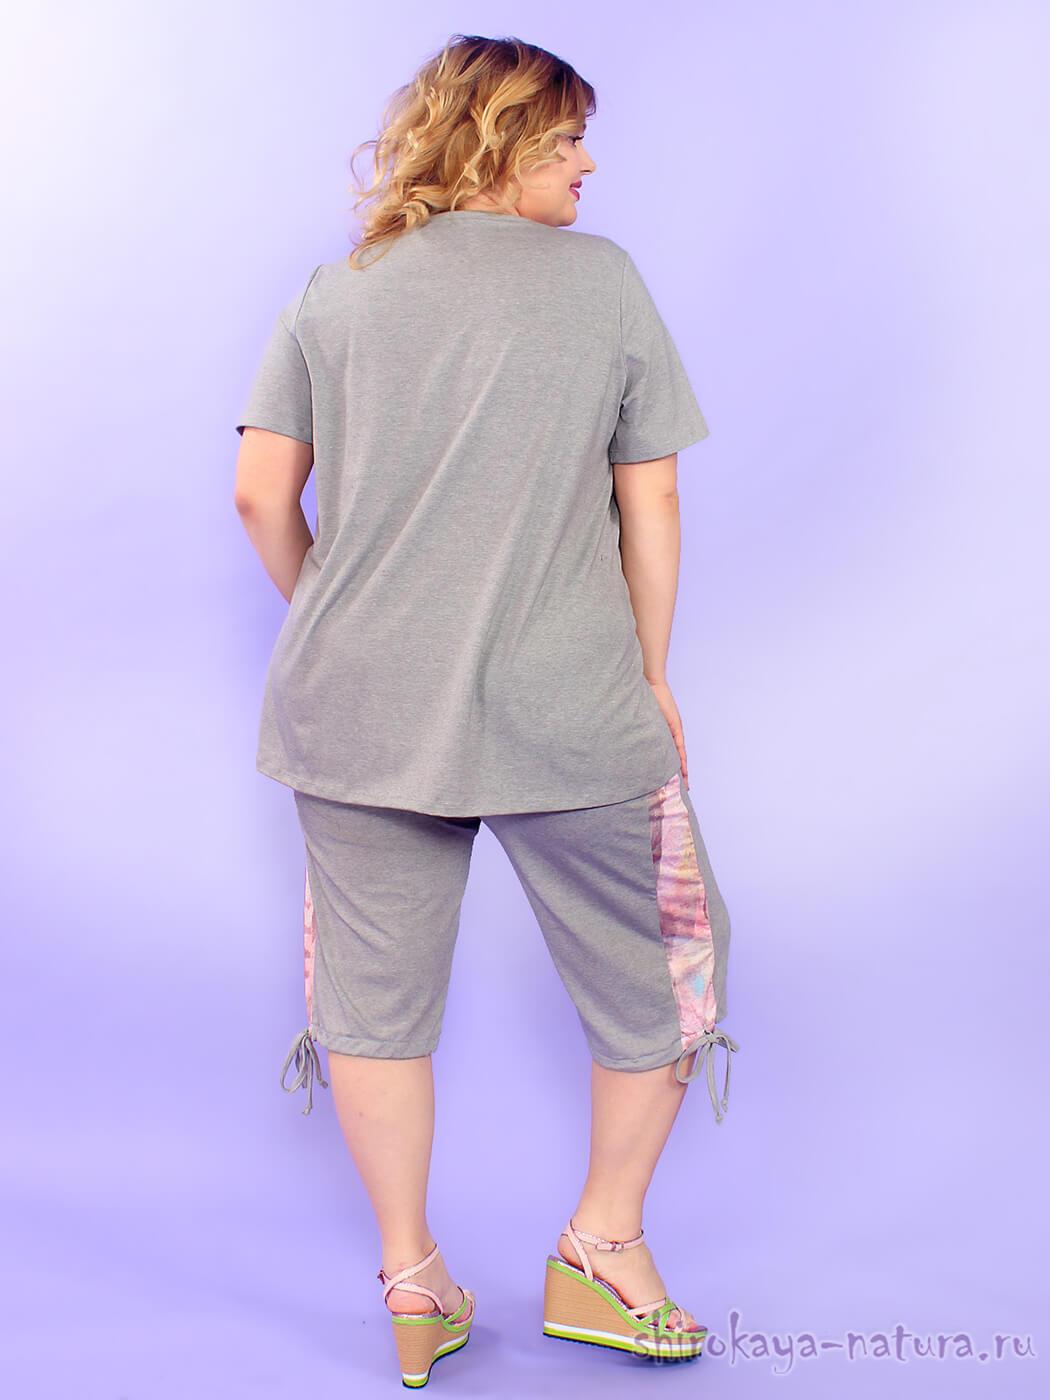 Костюм с бриджами Гестия